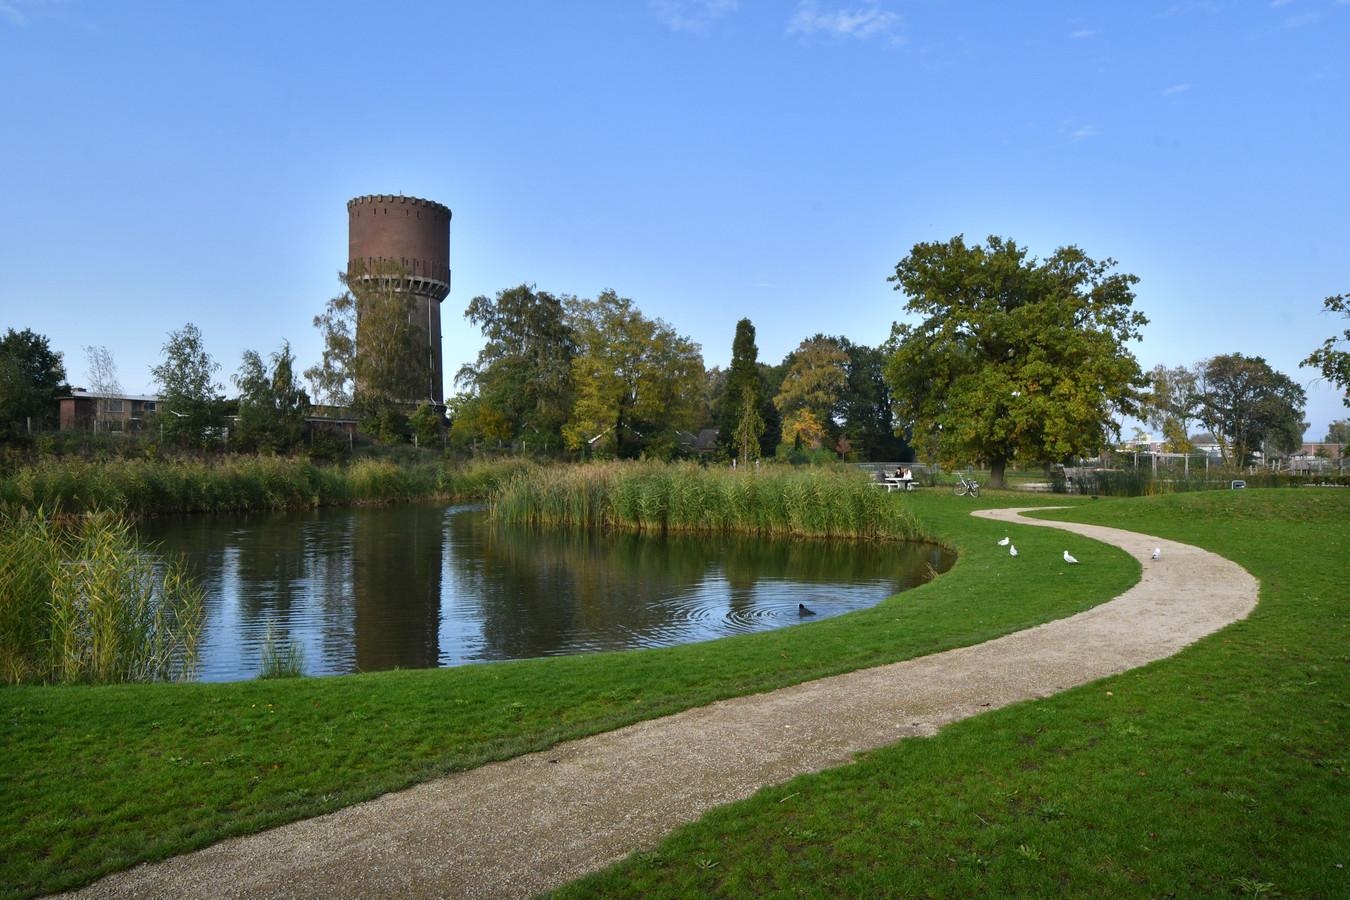 Watertorenpark in Hengelo